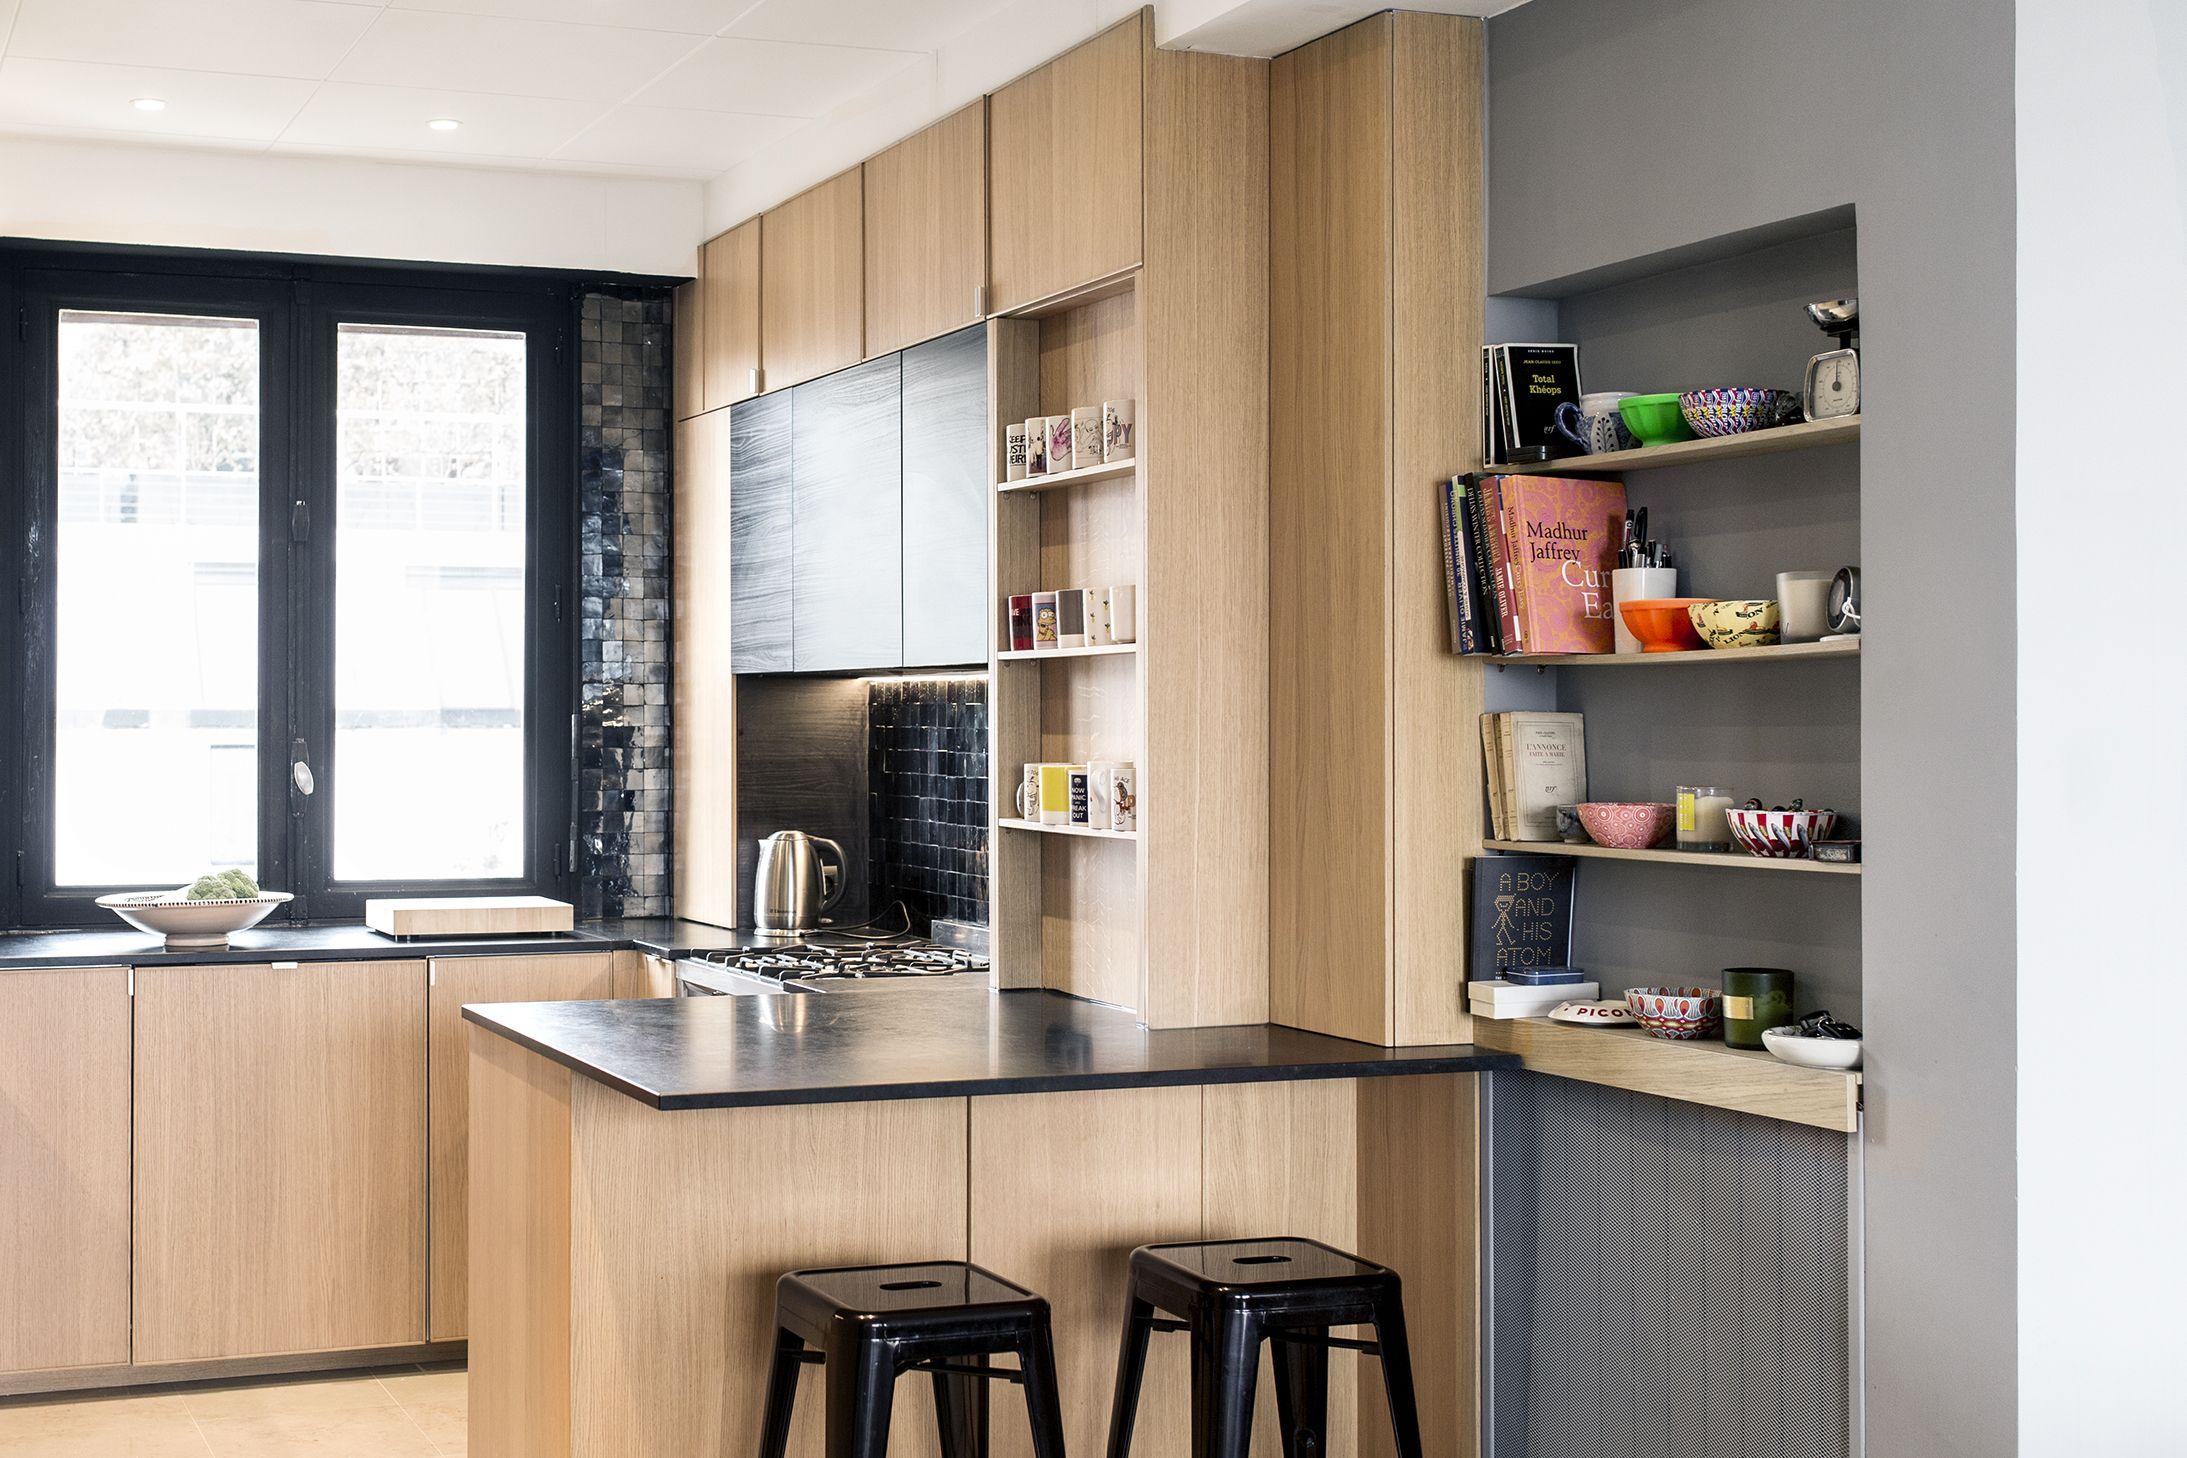 Cuisine Chene Et Noire Zelliges Et Granit Noir Cuisine Chene Decoration Maison Granit Noir